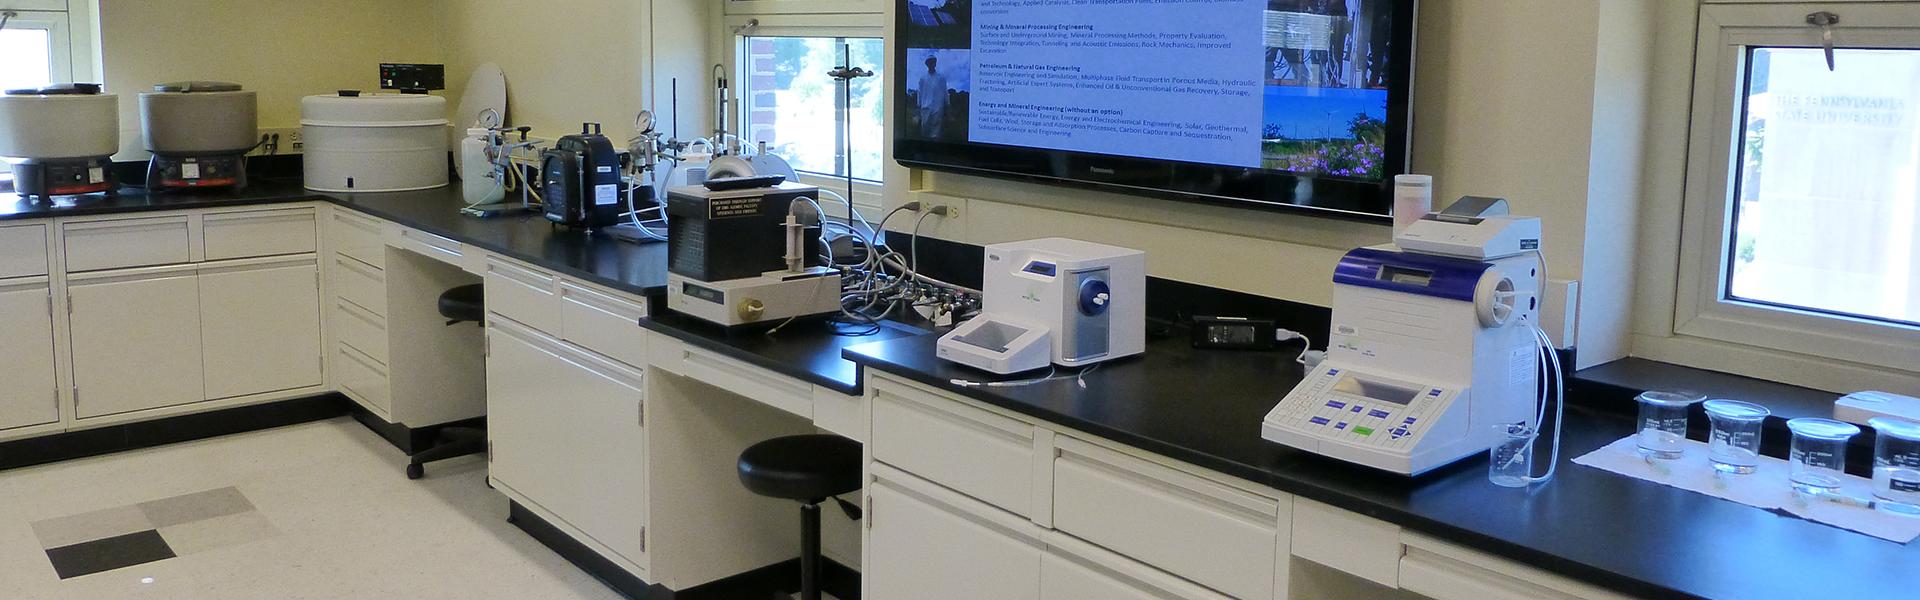 Baker Hughes Lab